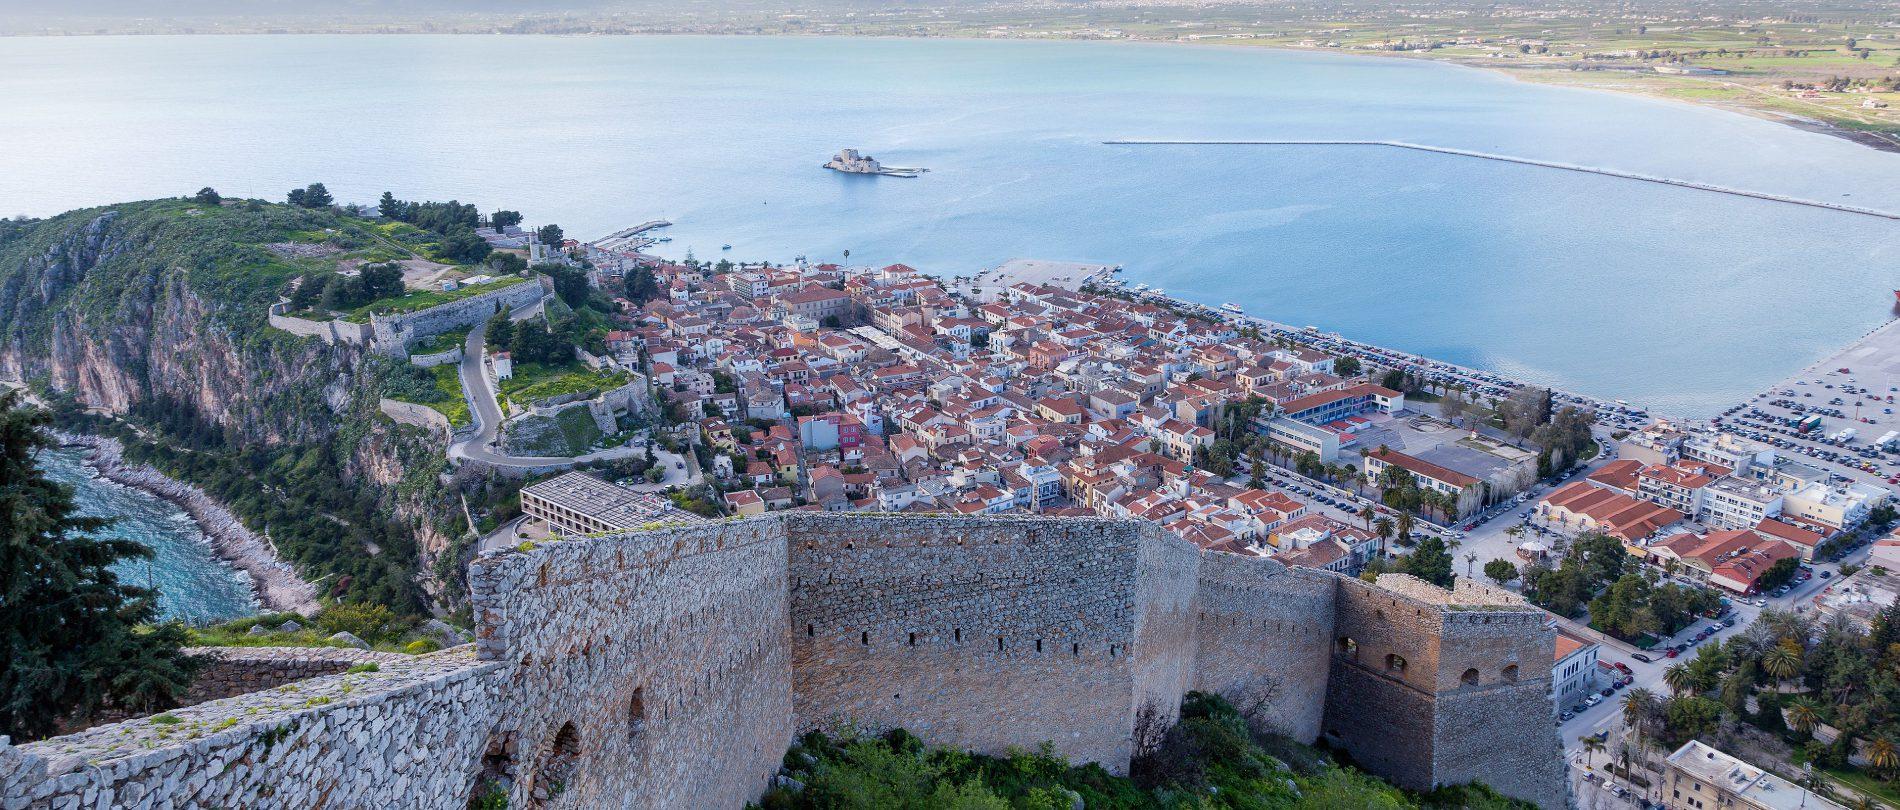 Crociera isole greche Egeo Euforico 3 notti